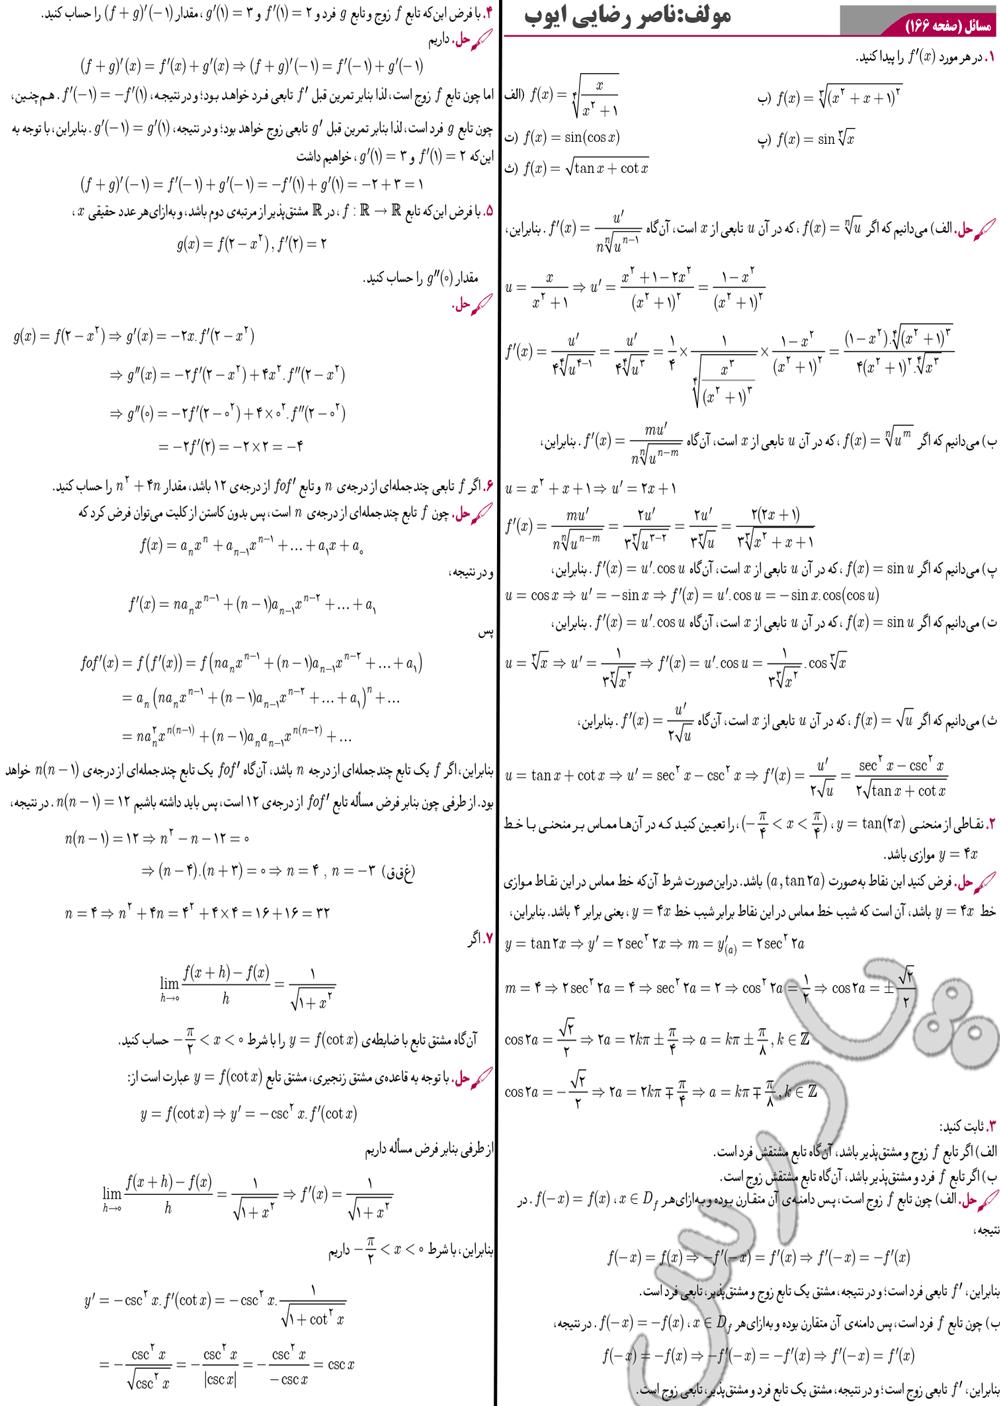 حل مسائل صفحه 163 دیفرانسیل پیش دانشگاهی